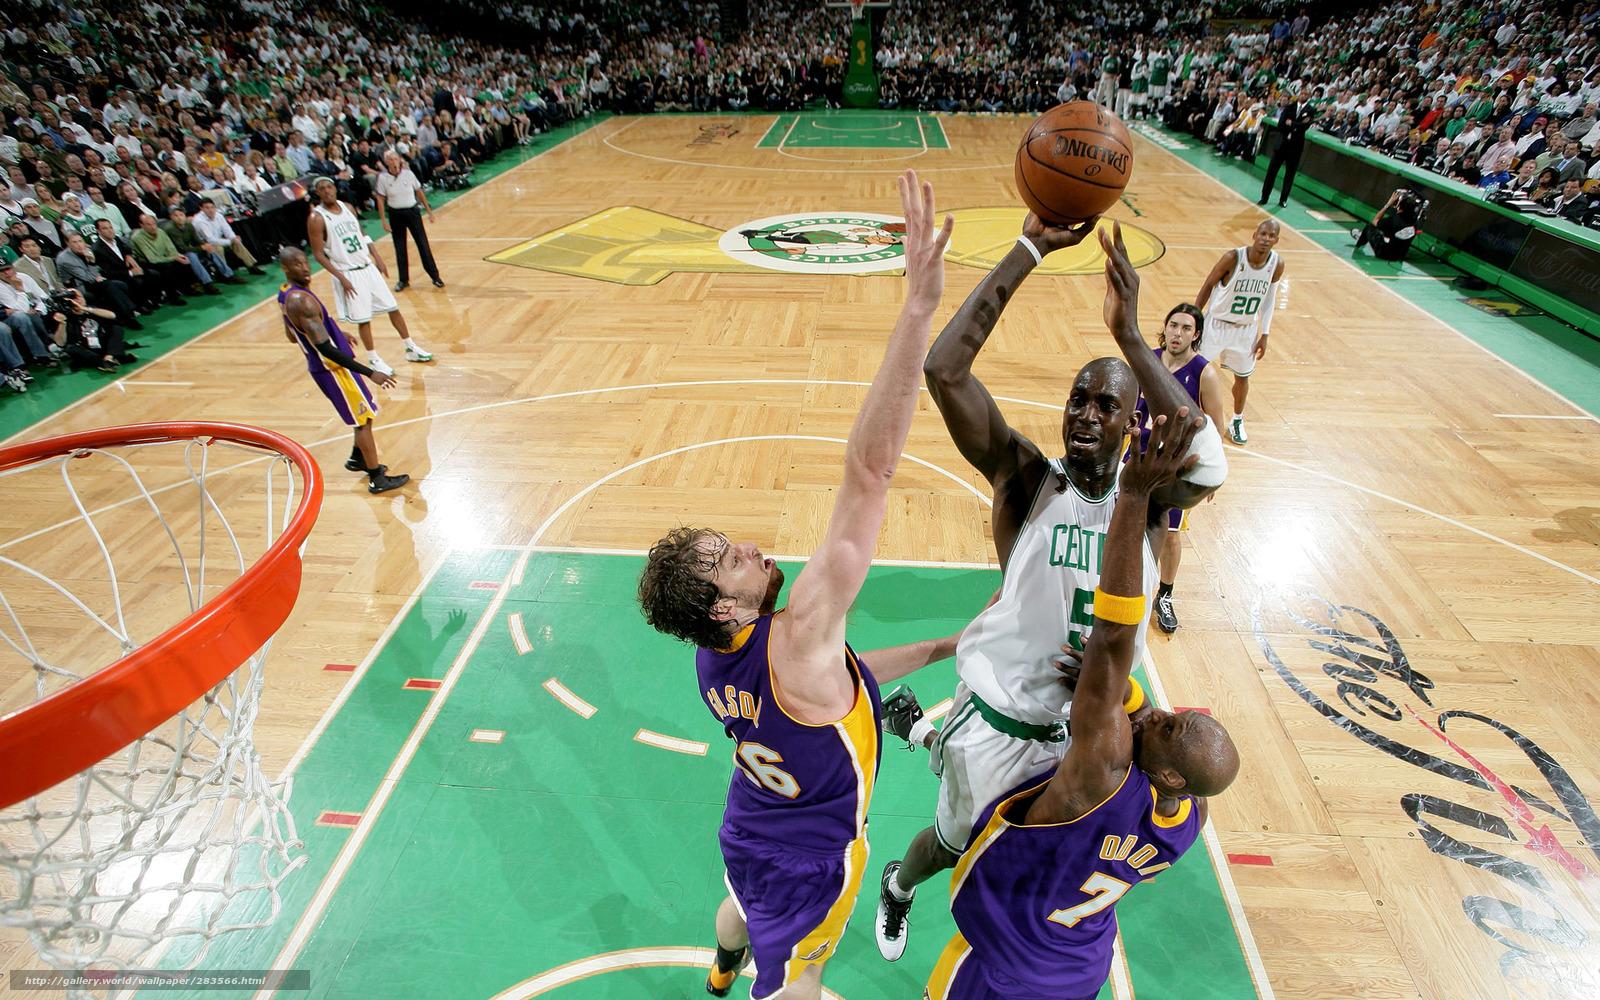 красивые фото игры в баскетбол эту картину